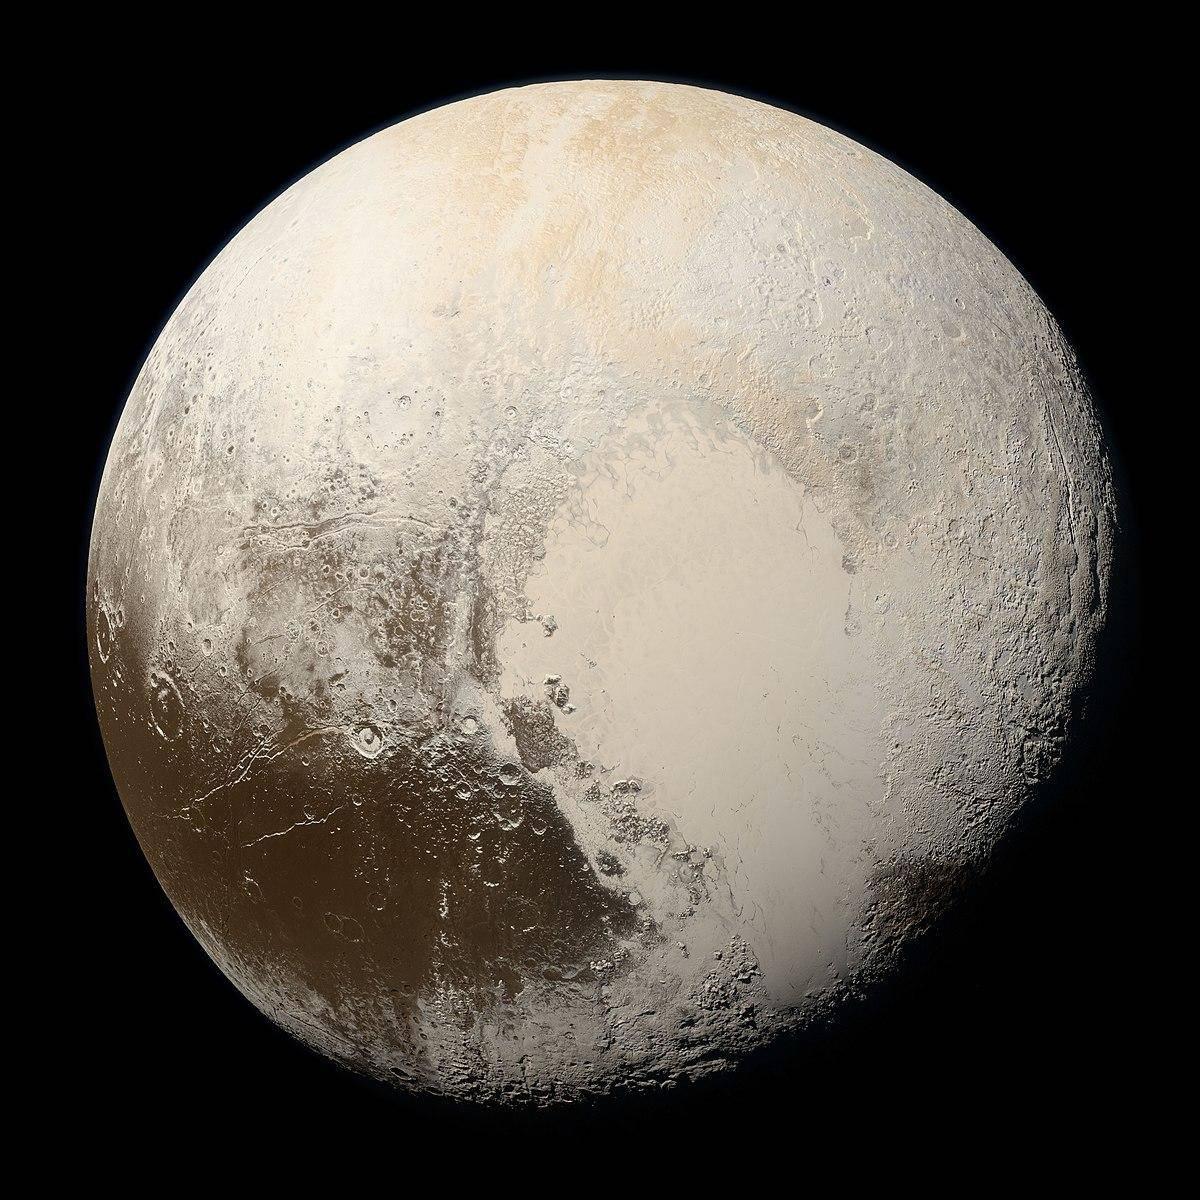 快要被人们遗忘的冥王星原来有这么多迷人的发现